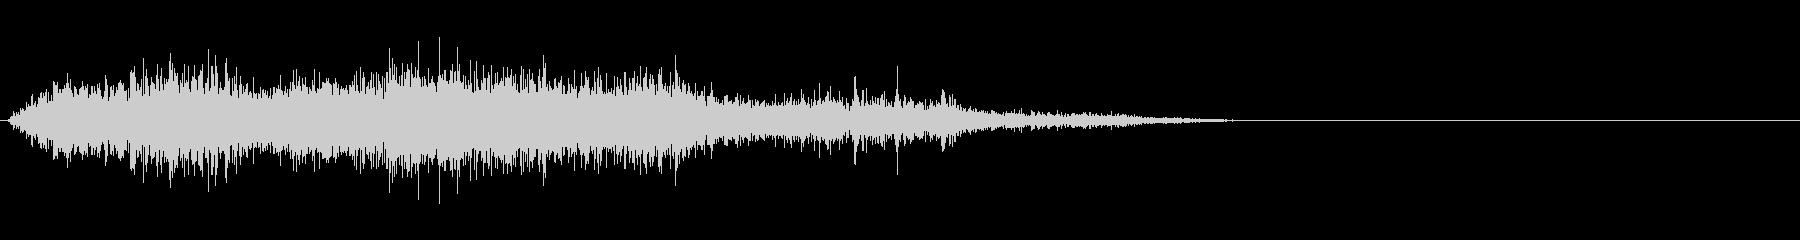 モンスター/獣/ゾンビ等の鳴き声!02Cの未再生の波形